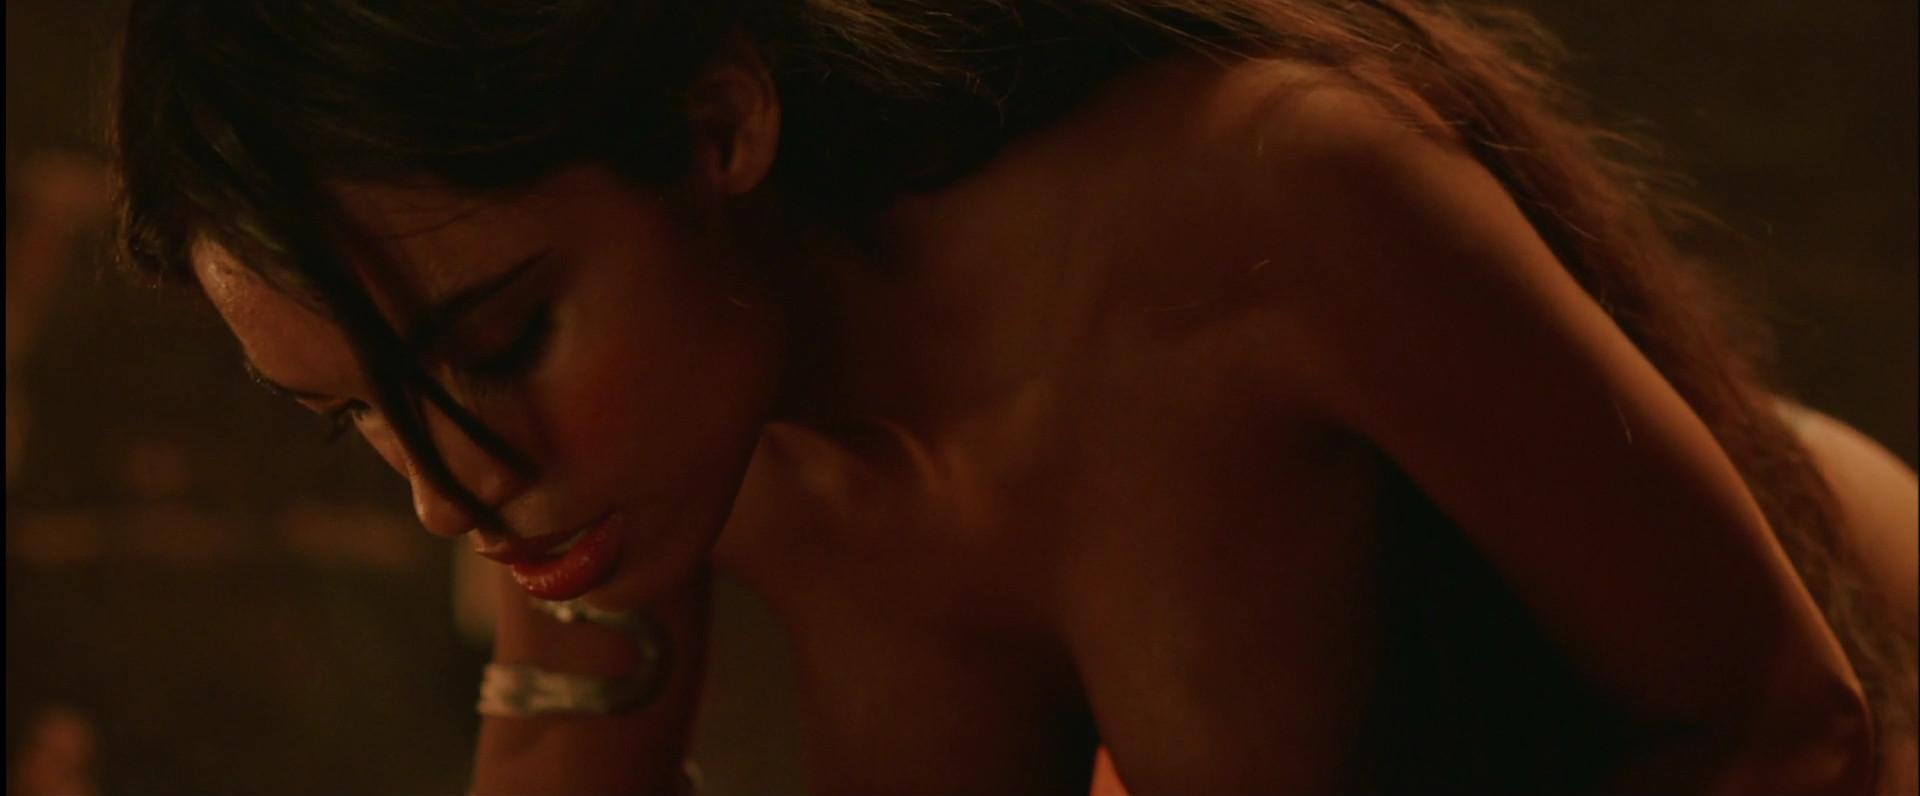 Movie porno xxx sexo anal